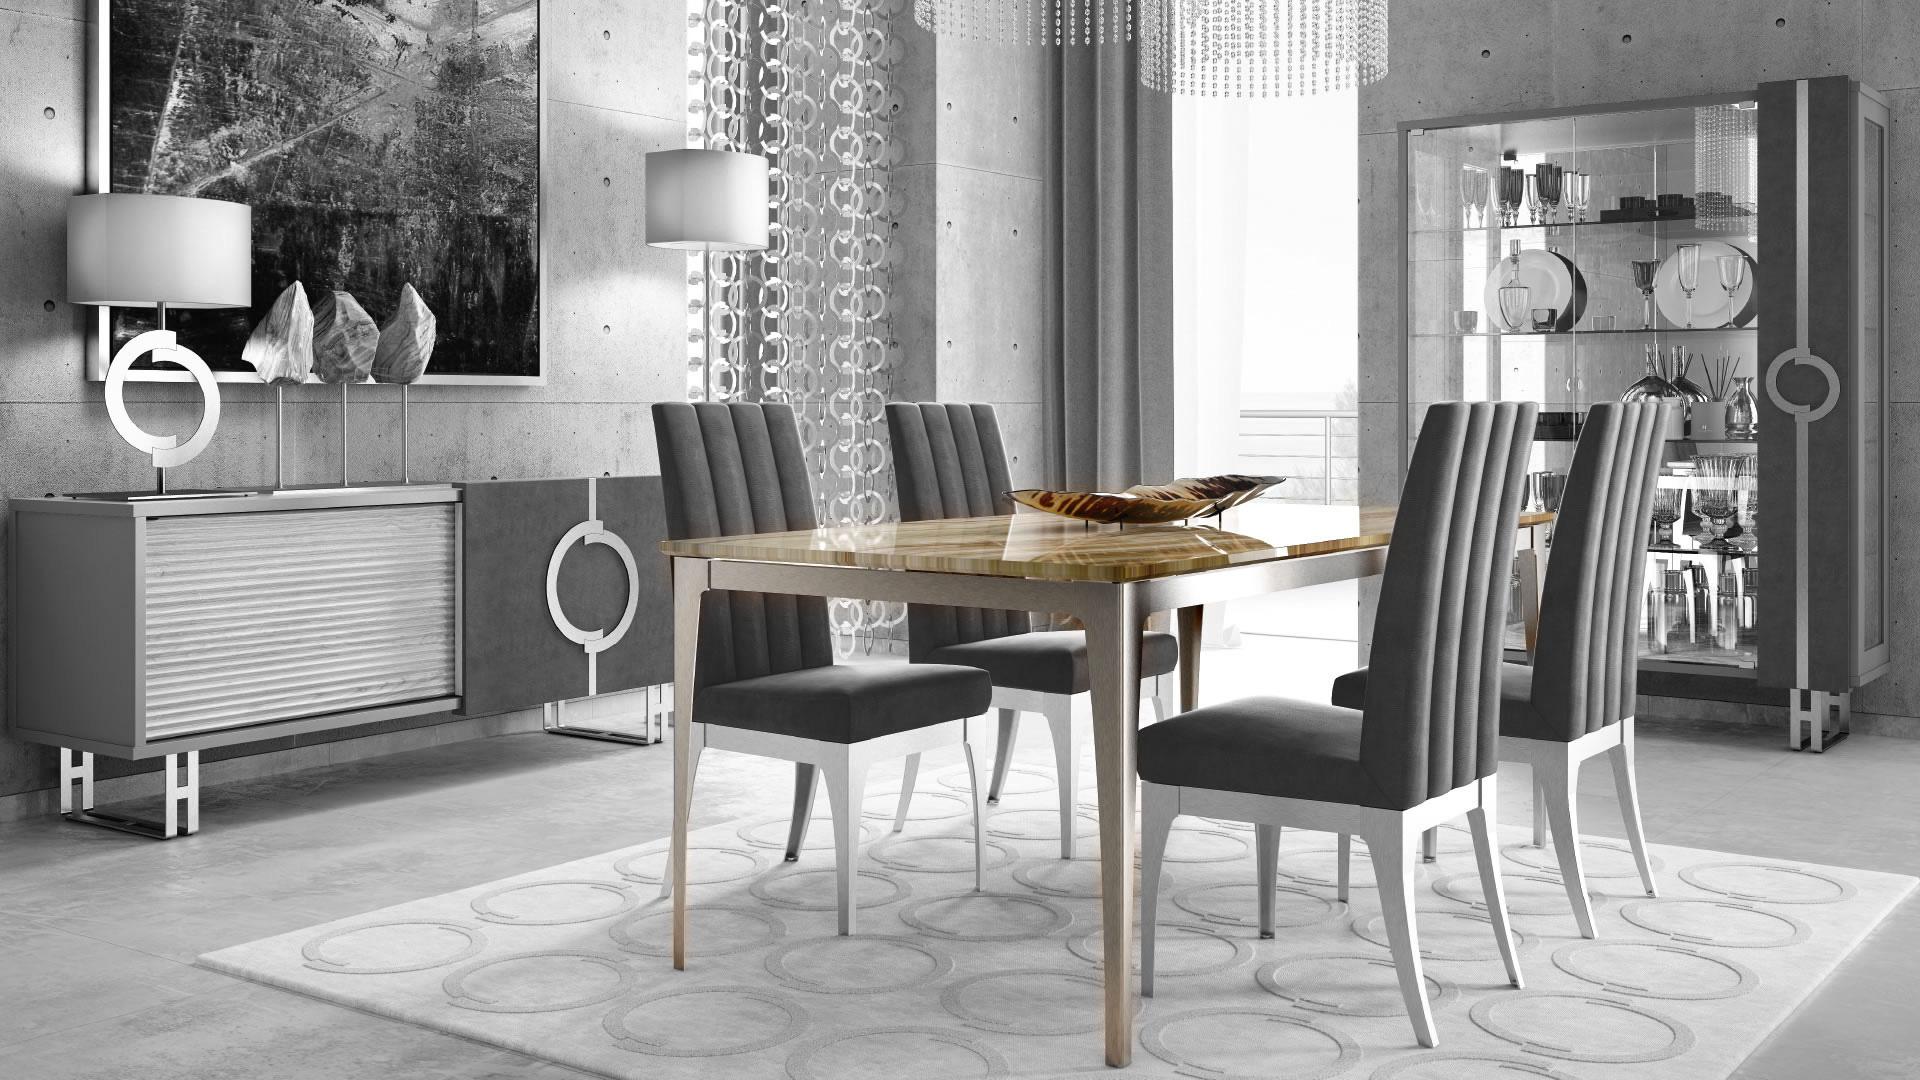 Come Scegliere Il Tavolo Per Una Sala Da Pranzo Caroti #5D4D3B 1920 1080 Come Scegliere Tavolo Da Pranzo